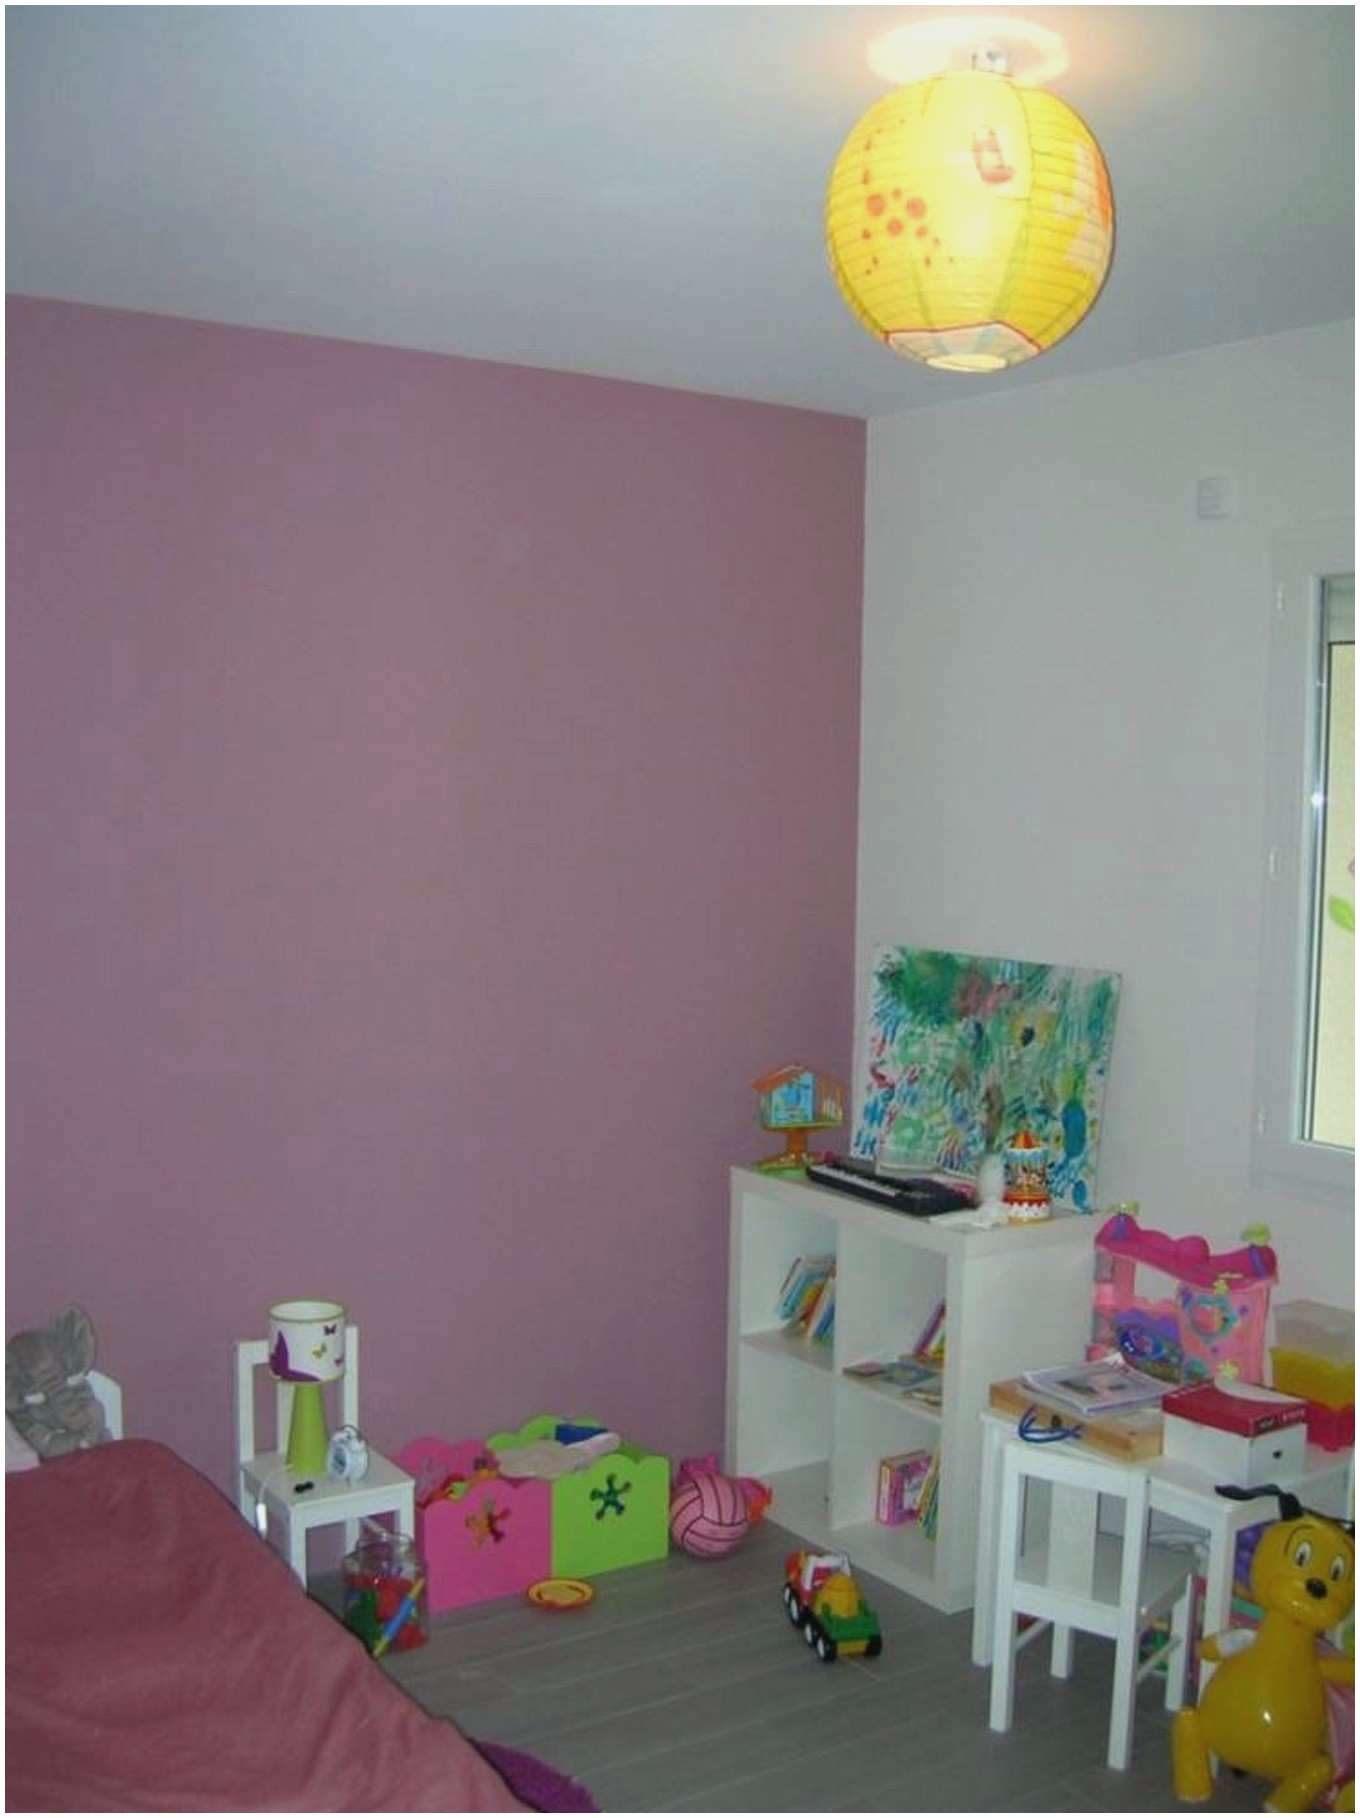 Lit Au sol Bébé Montessori Magnifique 59 Peinture Chambre Bébé Fille Vue Jongor4hire